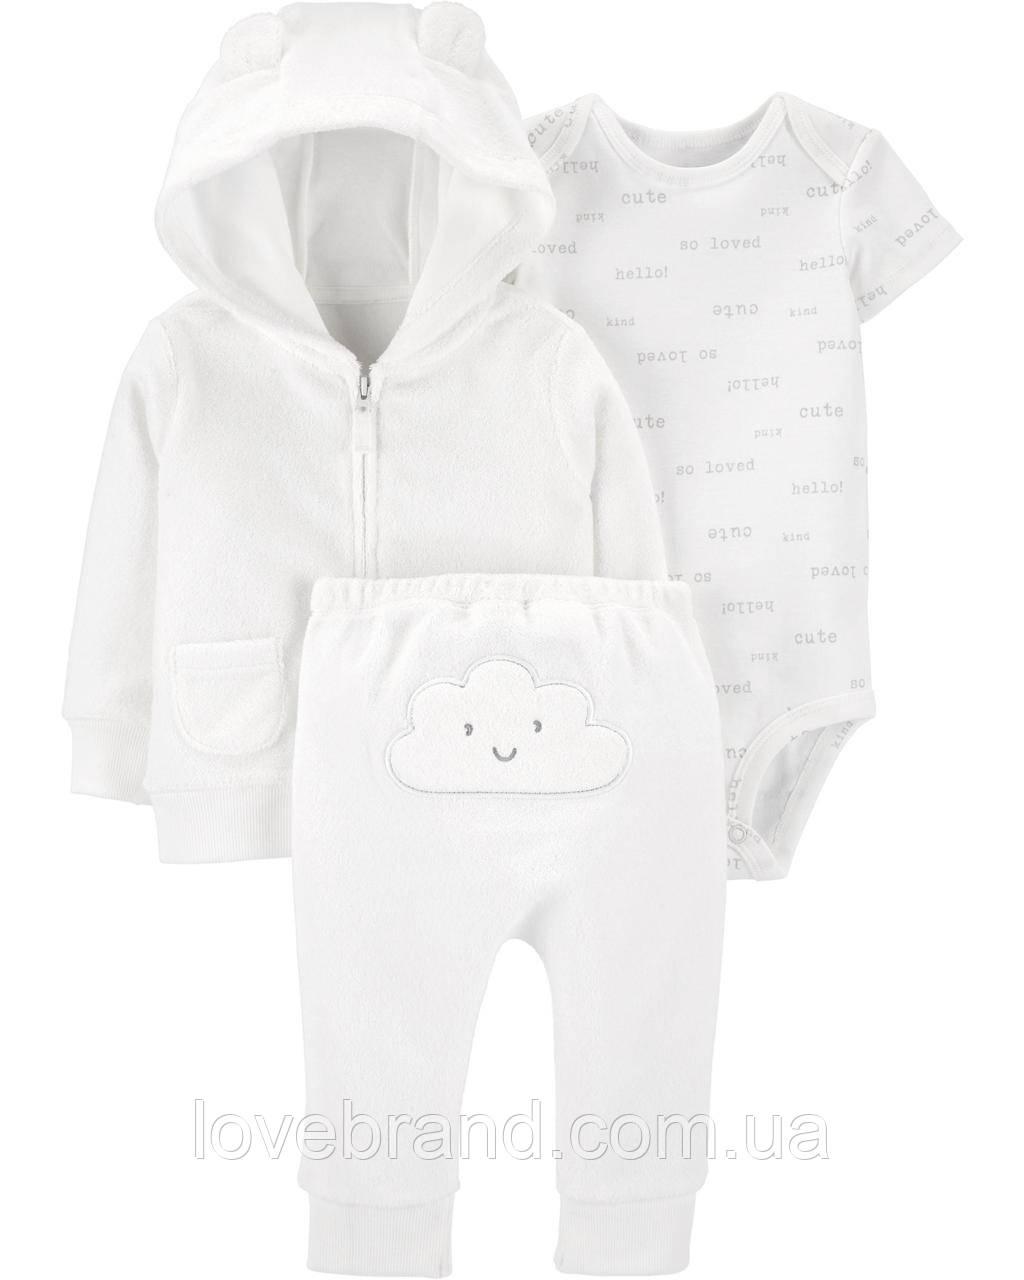 """Махровый набор для новорожденных Carter's  """"Тучка"""" белый унисекс (картерс) 6 мес/61-67 см"""